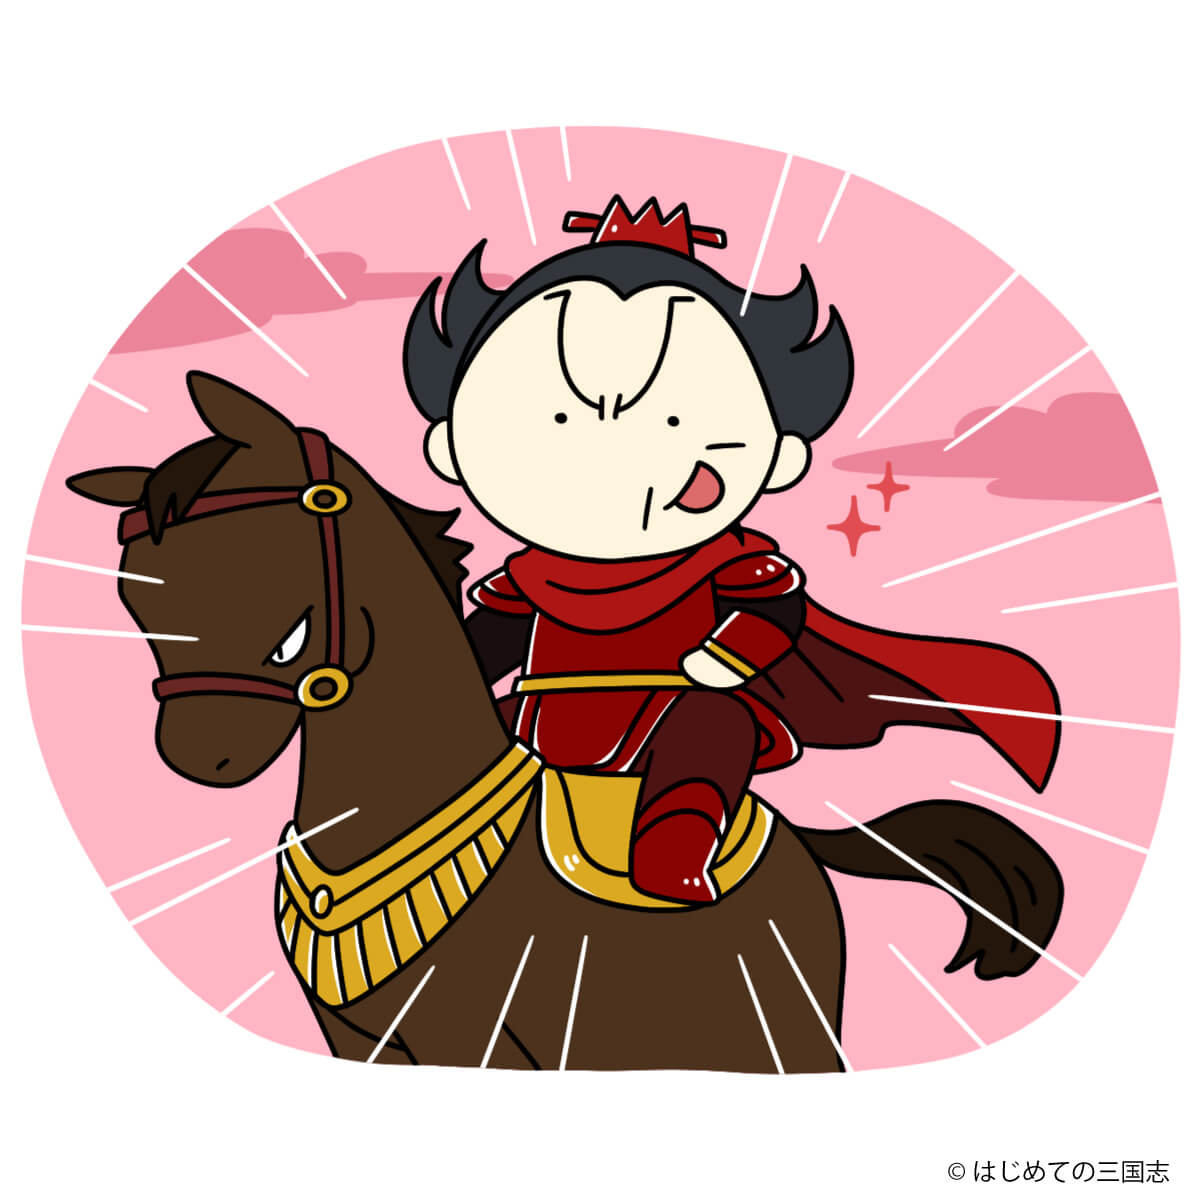 赤鎧を身に着けた曹操